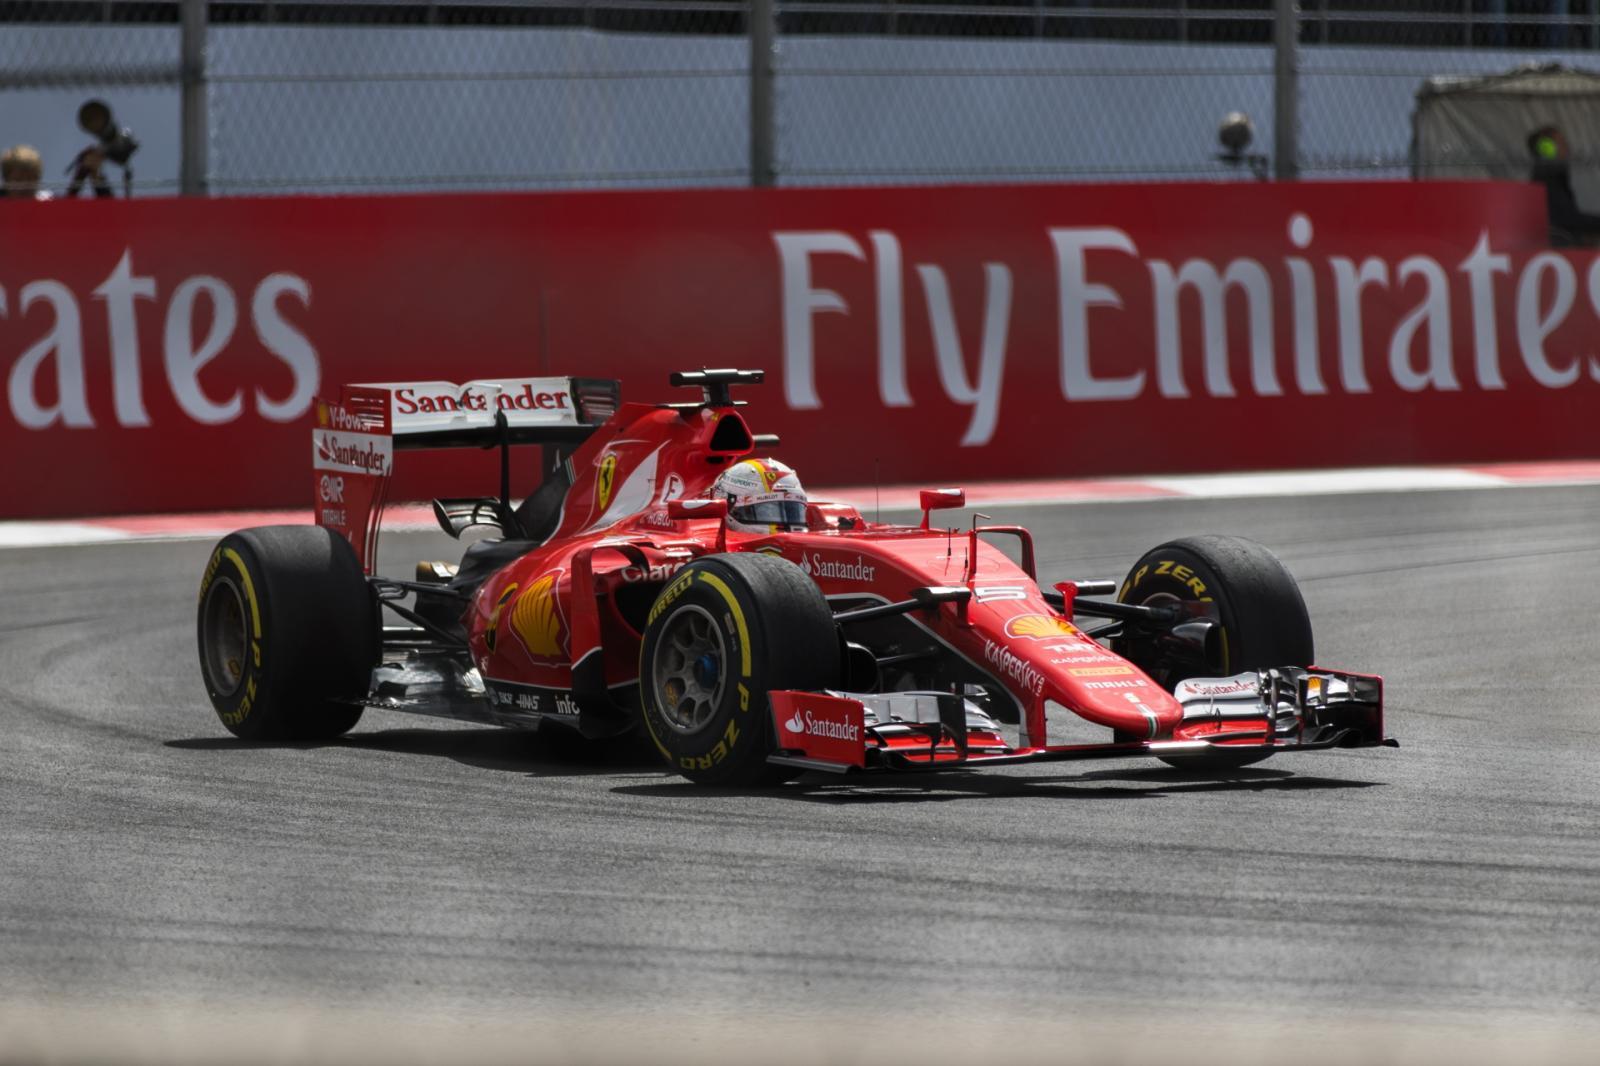 ¡Es un hecho! La Fórmula 1 se quedará en México por 3 años más